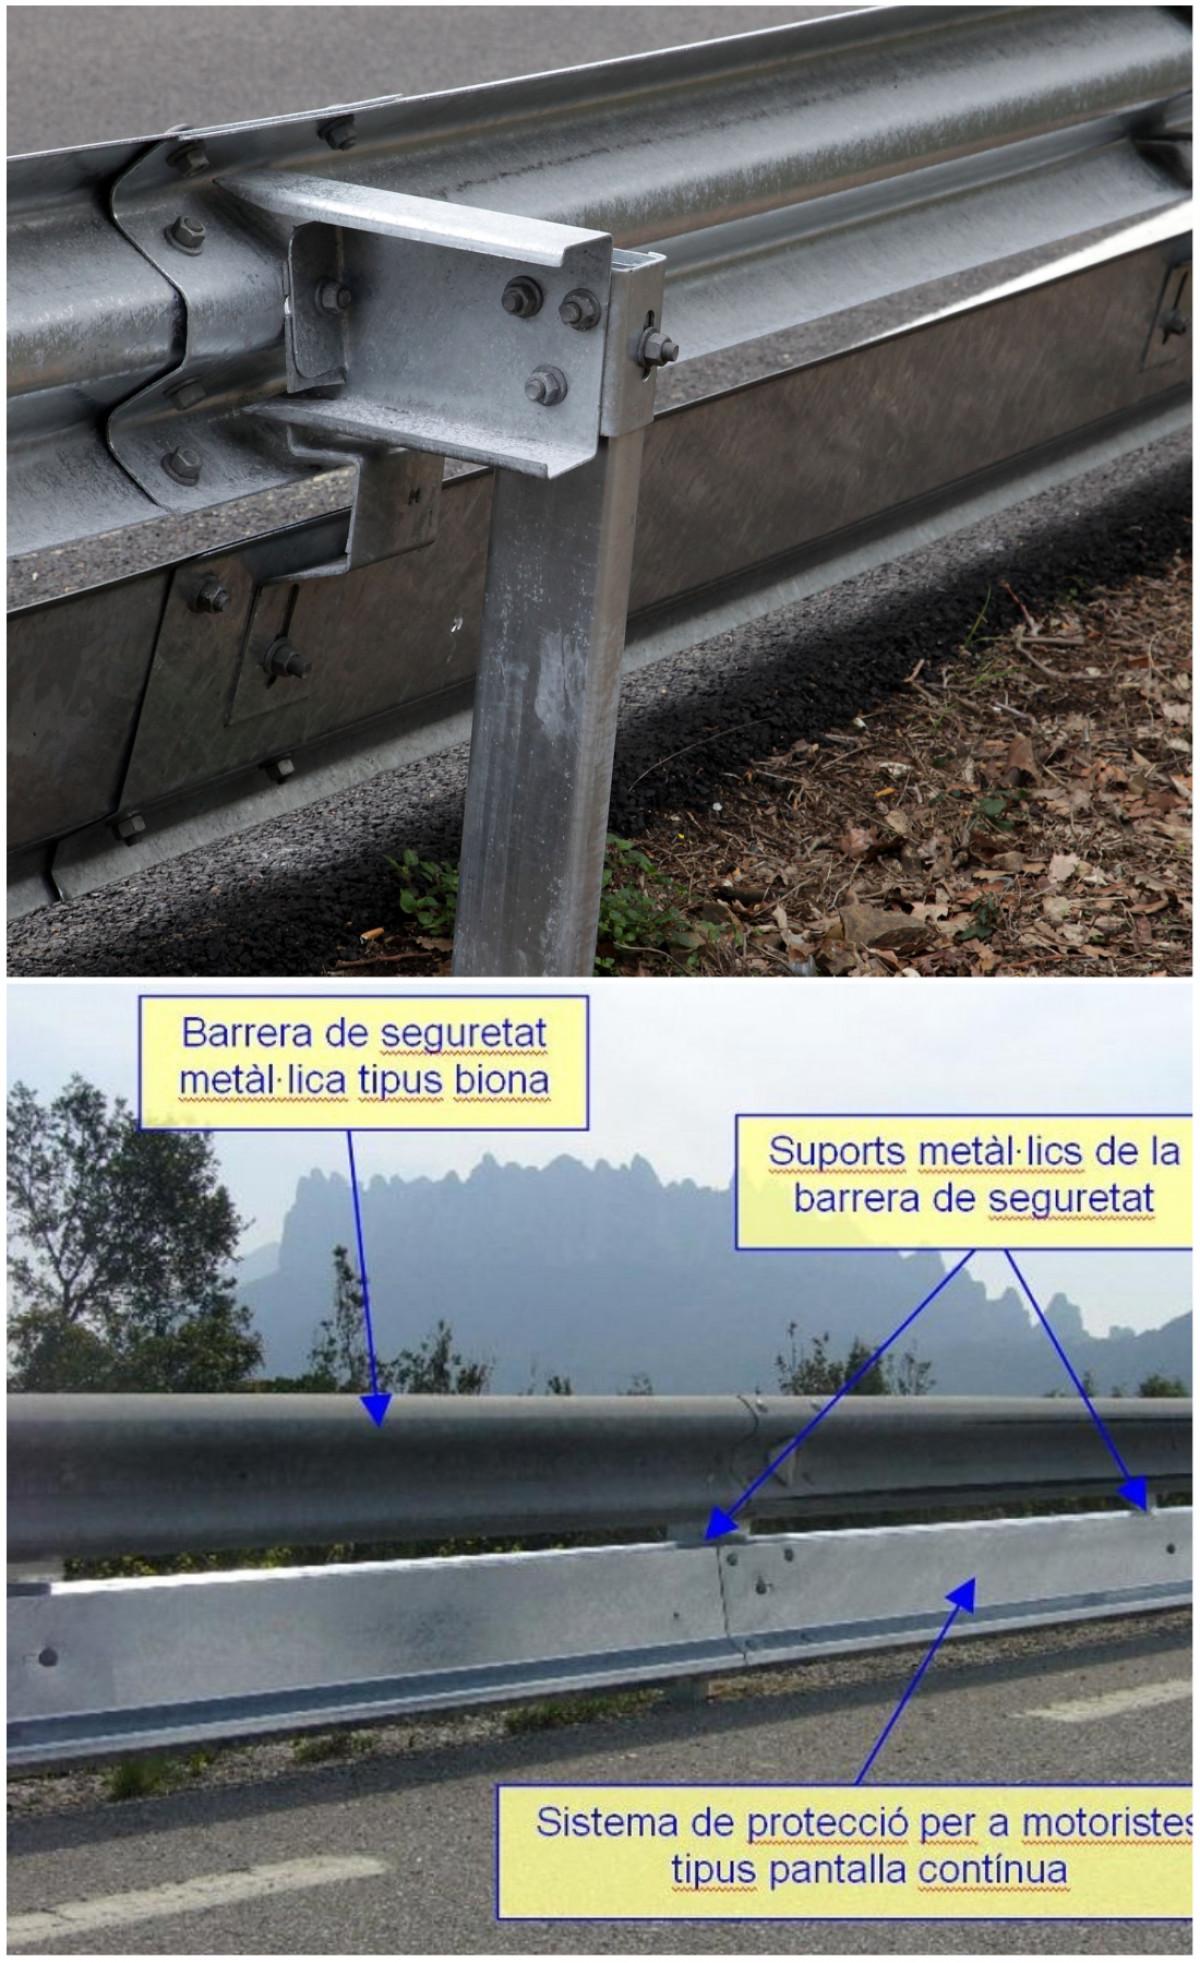 (bis) detalls de barrera de seguretat i SPM Diputaciu00f3 de Barcelona